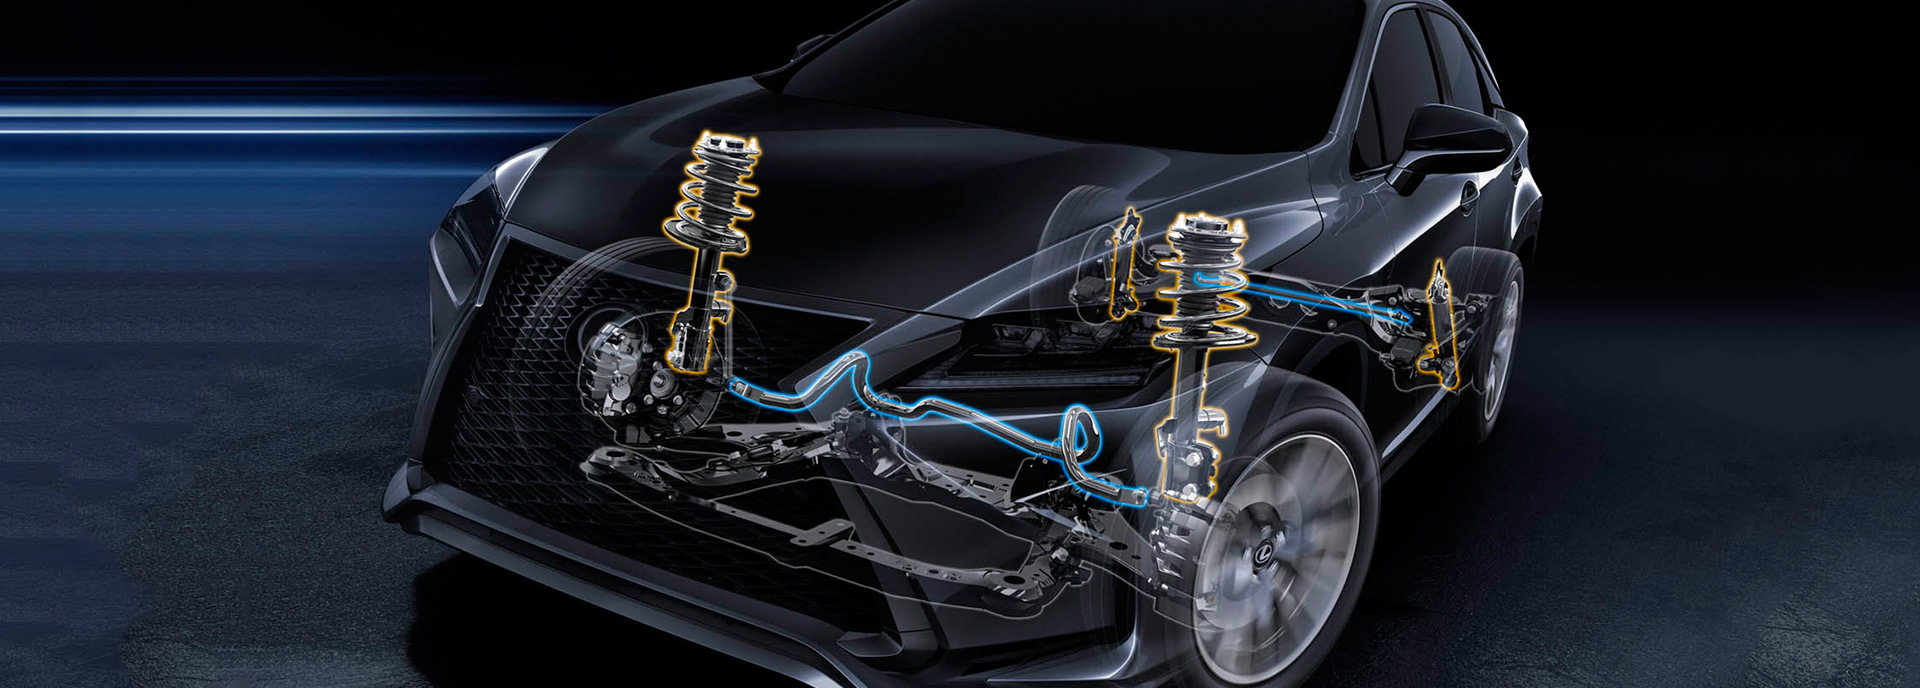 Service literatuur onderstel en schokdempers Lexus